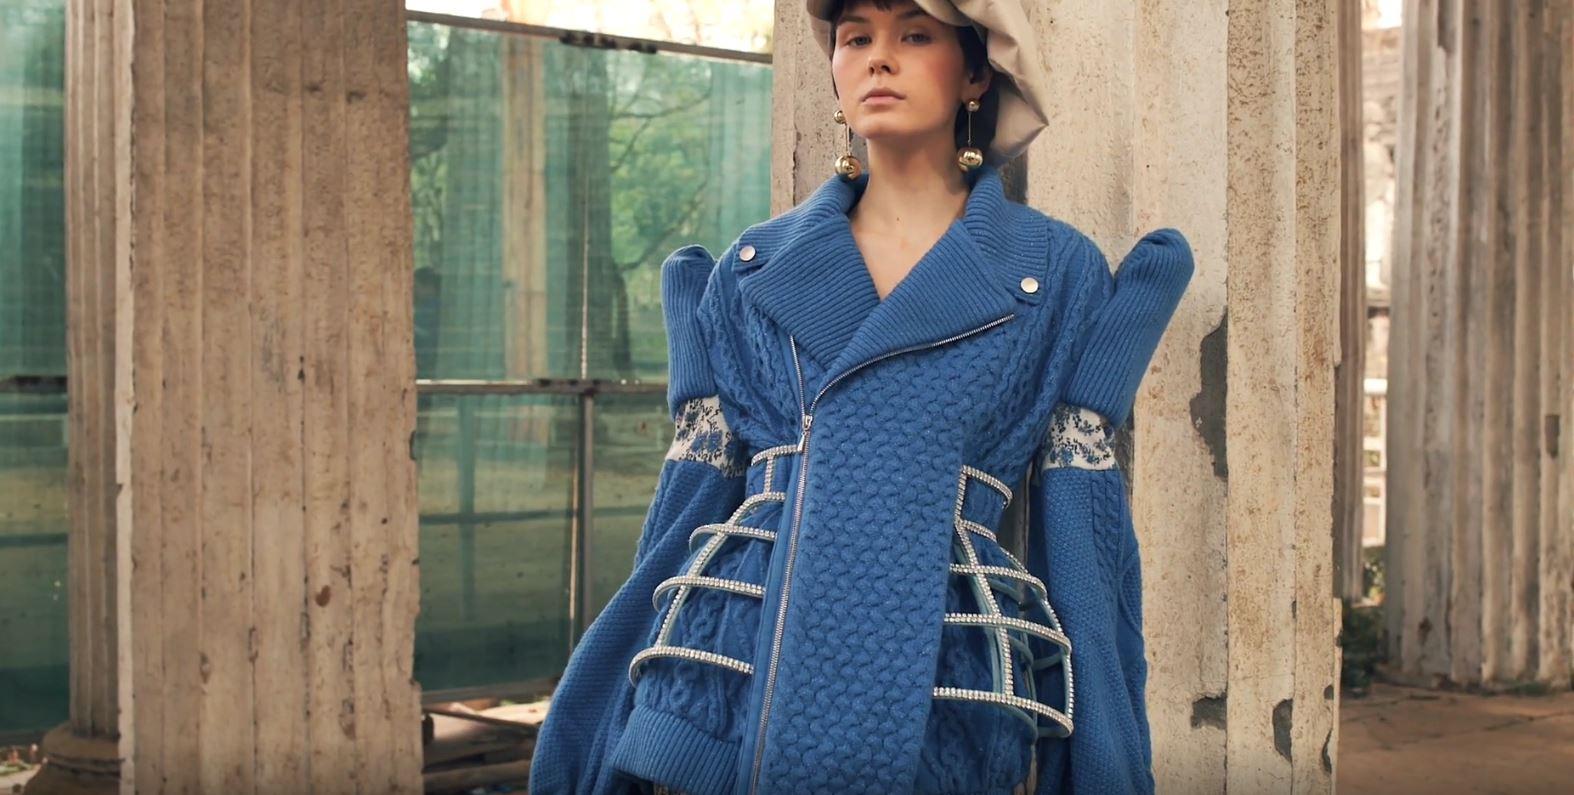 Milan 2 Sara Wong video blue sweater cage.JPG